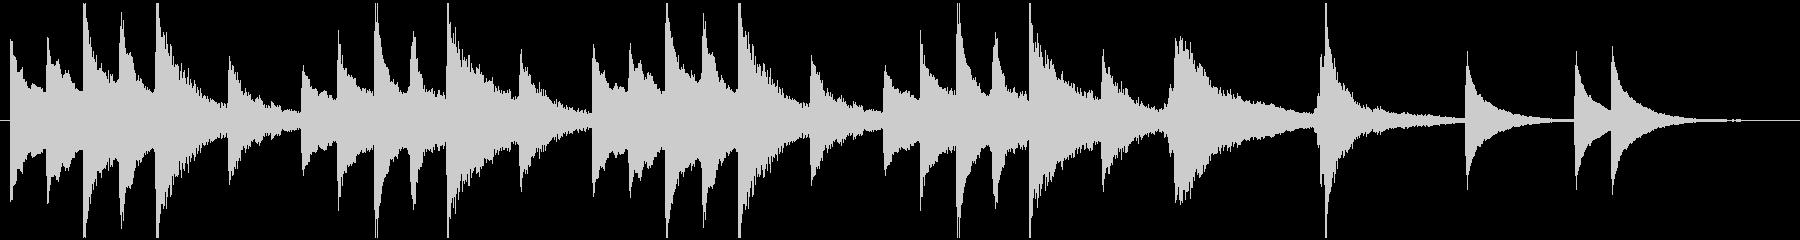 琴の不気味なBGMの未再生の波形